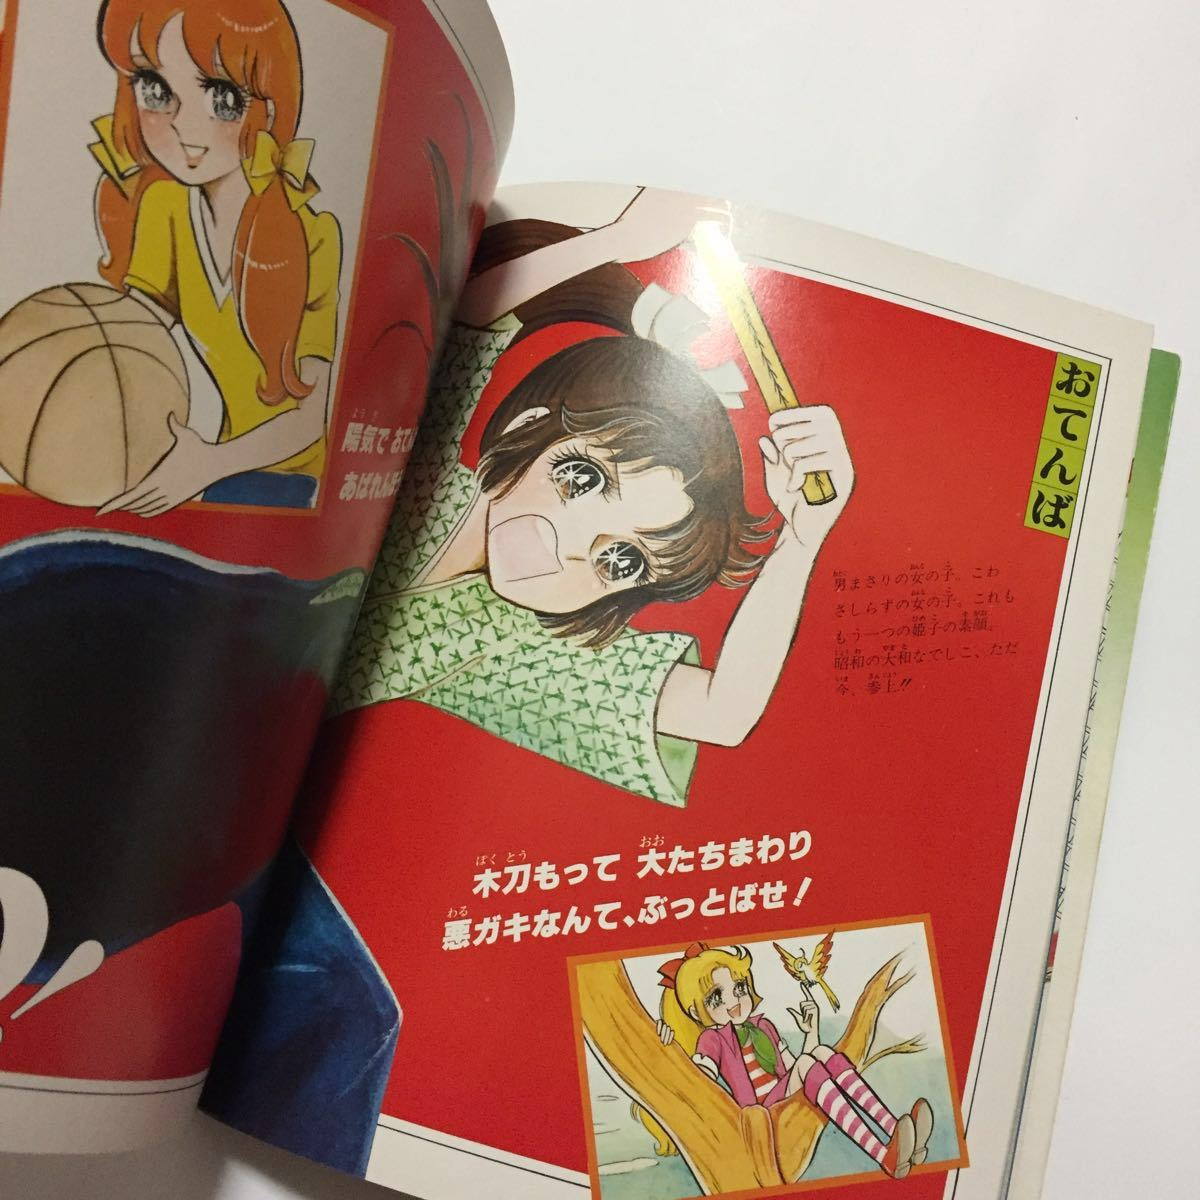 初版 うわさの姫子 愛のメモリー イラスト集 藤原栄子_画像5